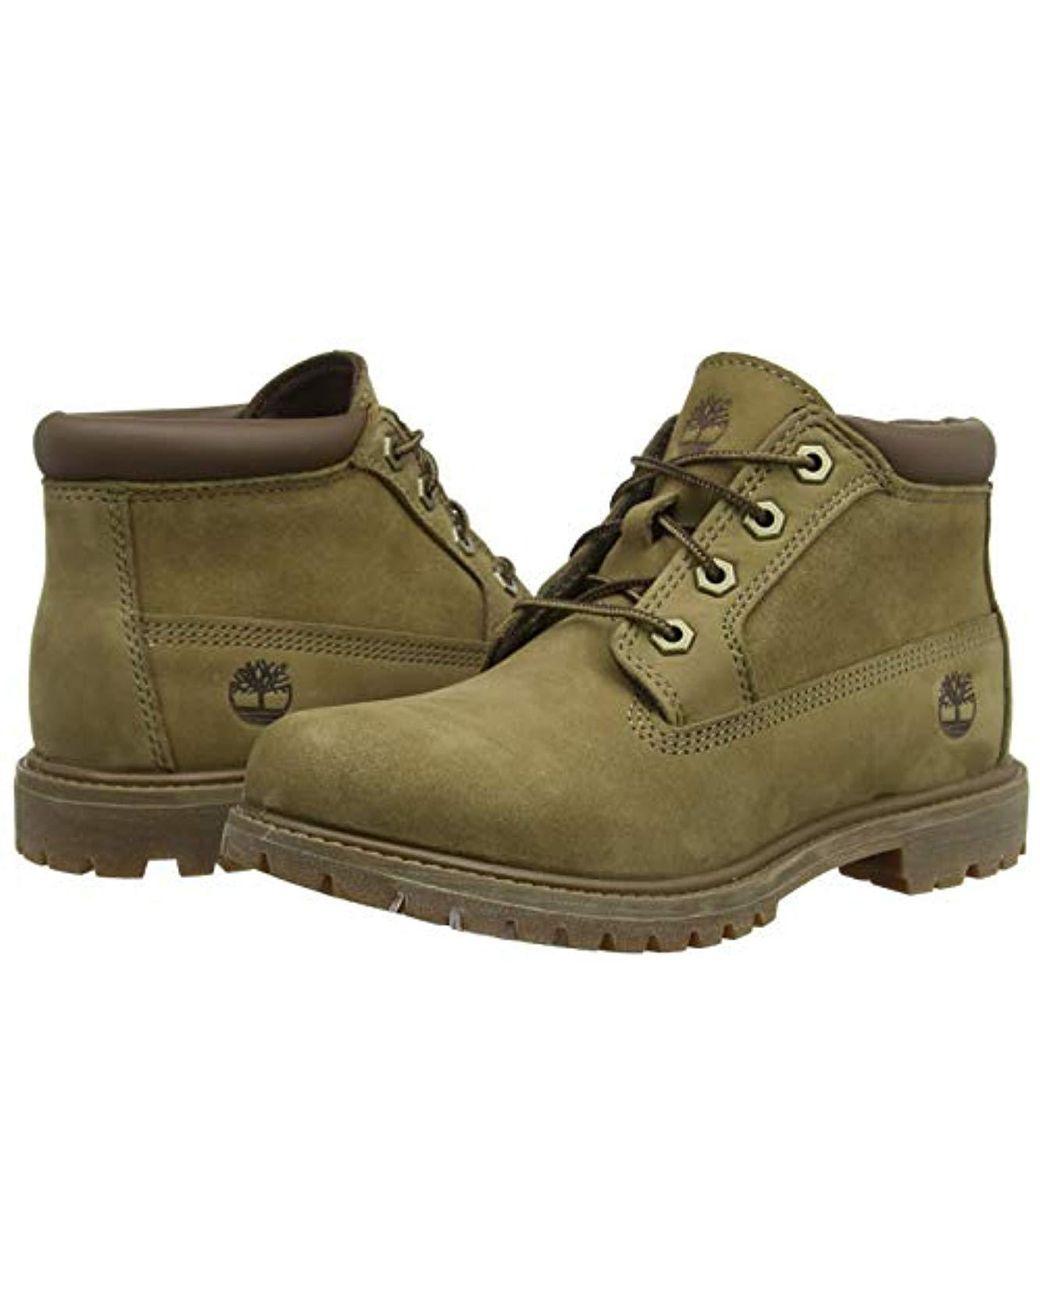 Detalles de Timberland Radford 6 Bota Zapatos Free Time Hombre CA1JHF